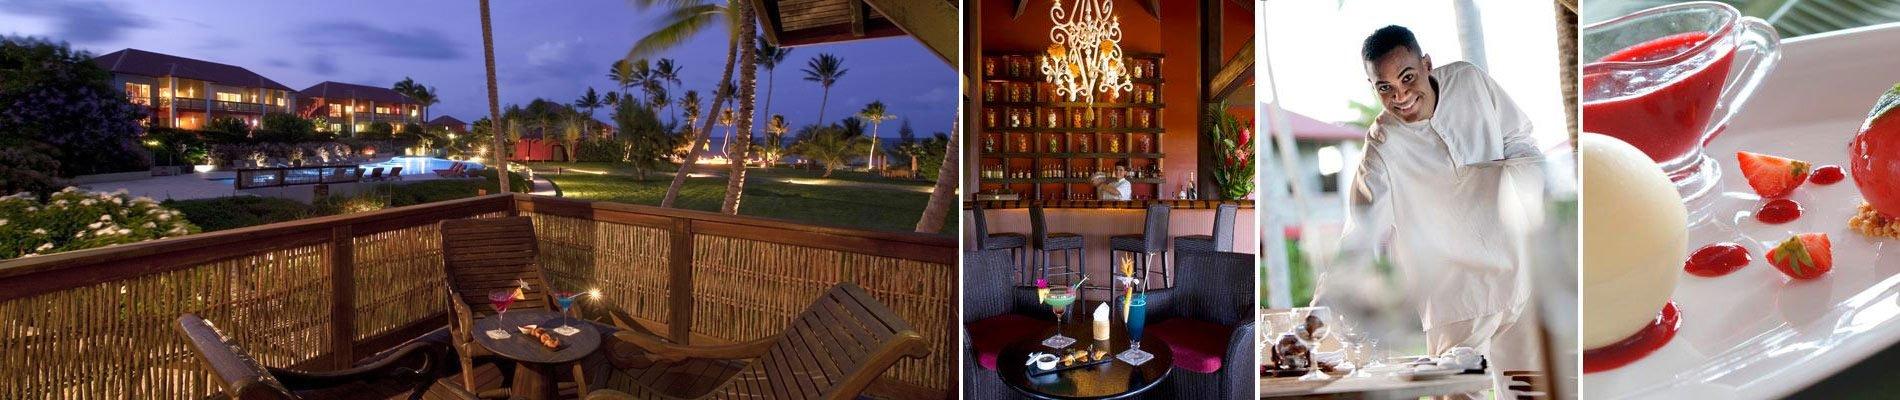 cap-est-resort-martinique